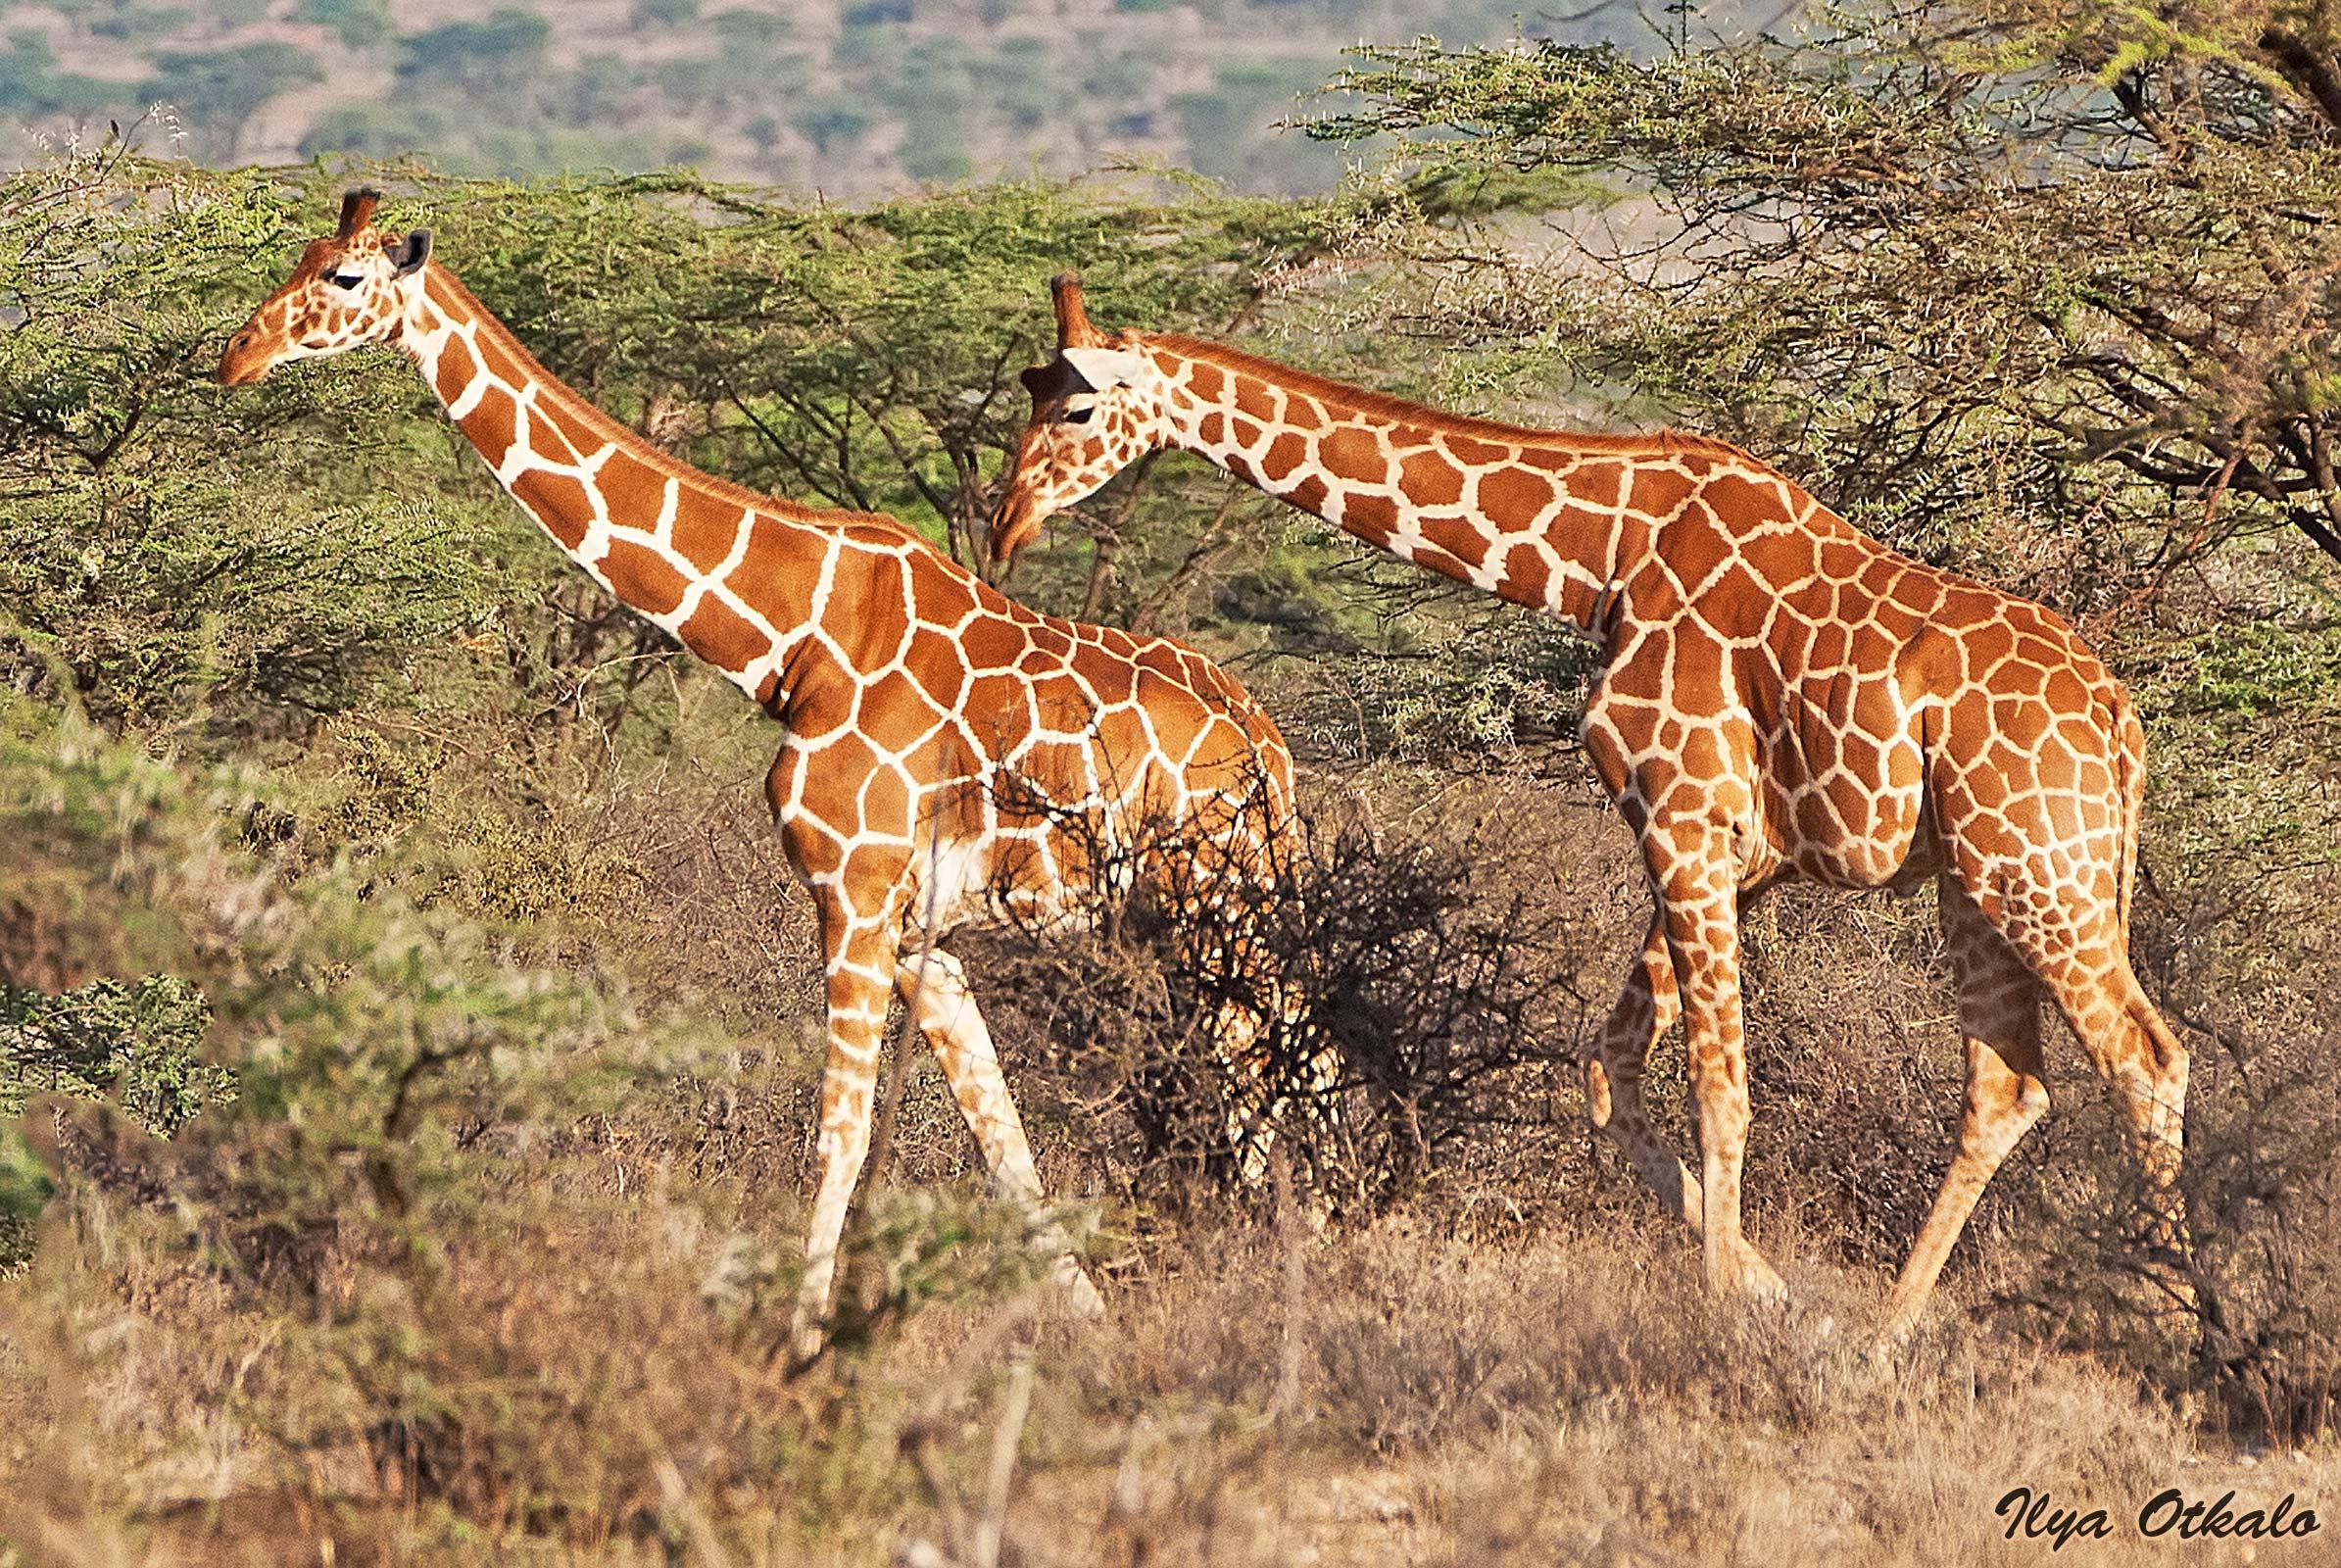 Кения, Национальный парк - заповедник Шаба. Сетчатые жирафы.